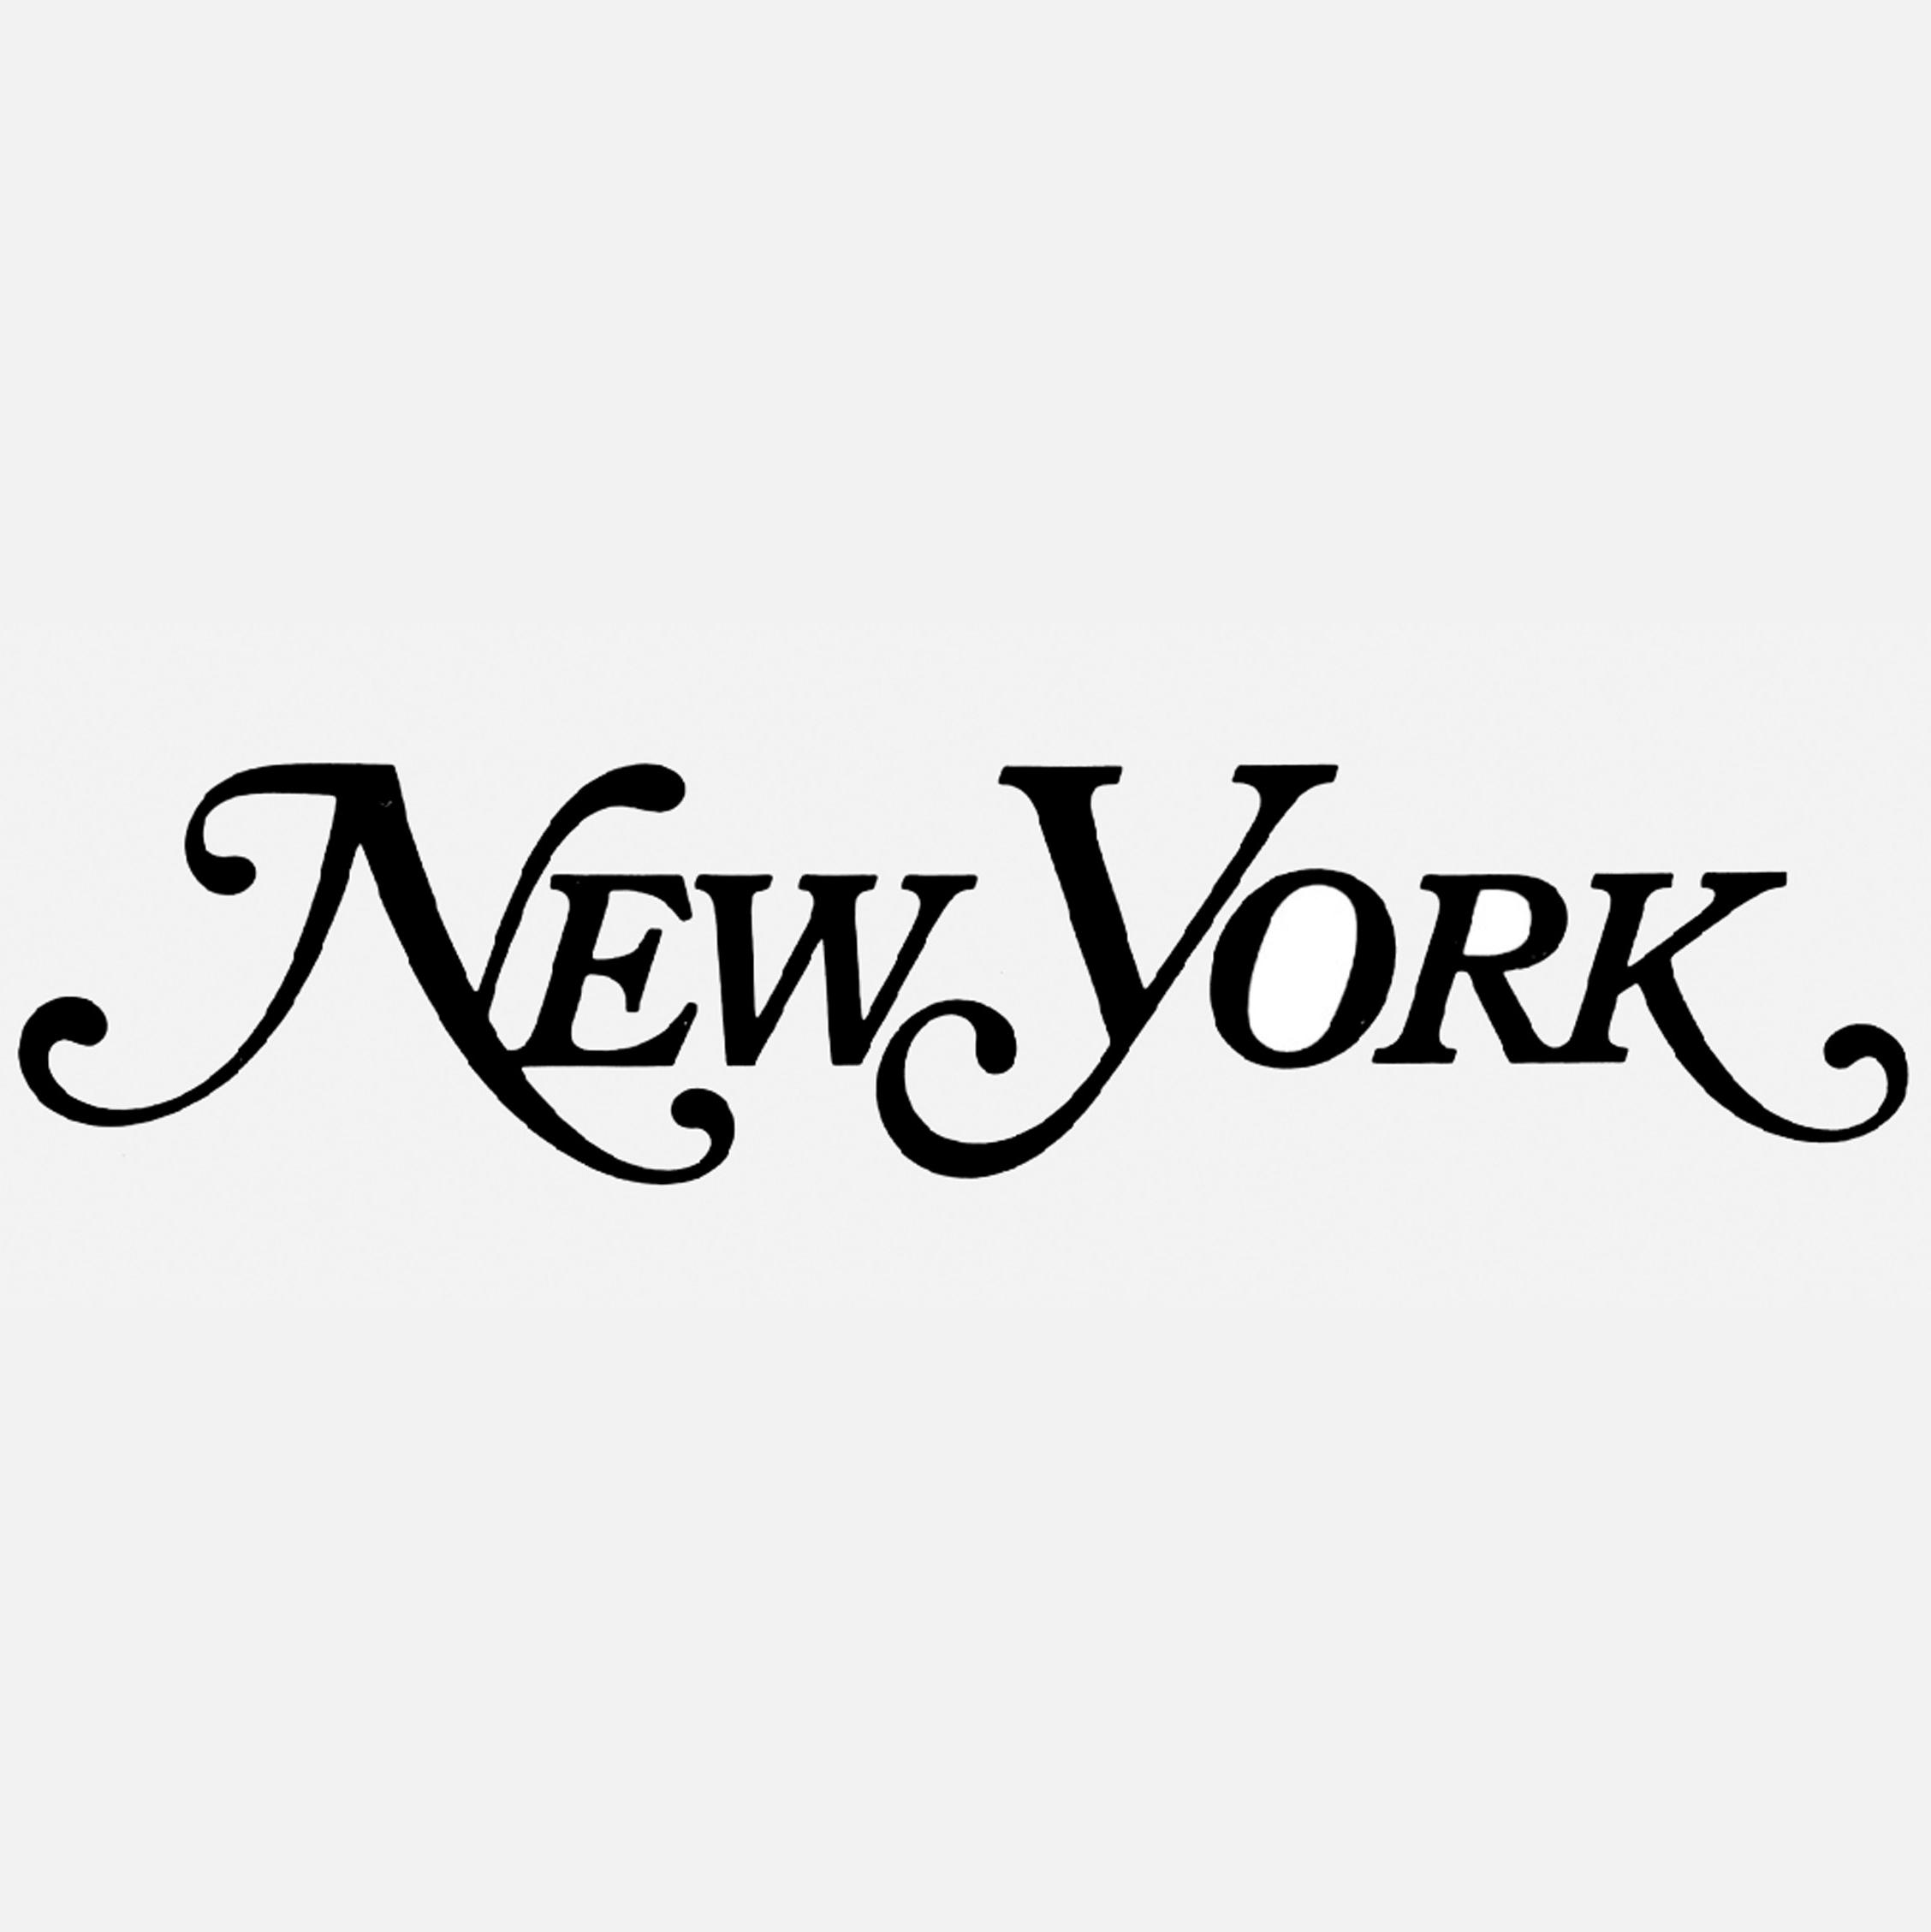 milton-glaser-graphic-design-logo-new-york-magazine-per-rubrica-fuoricontest-expo4talent